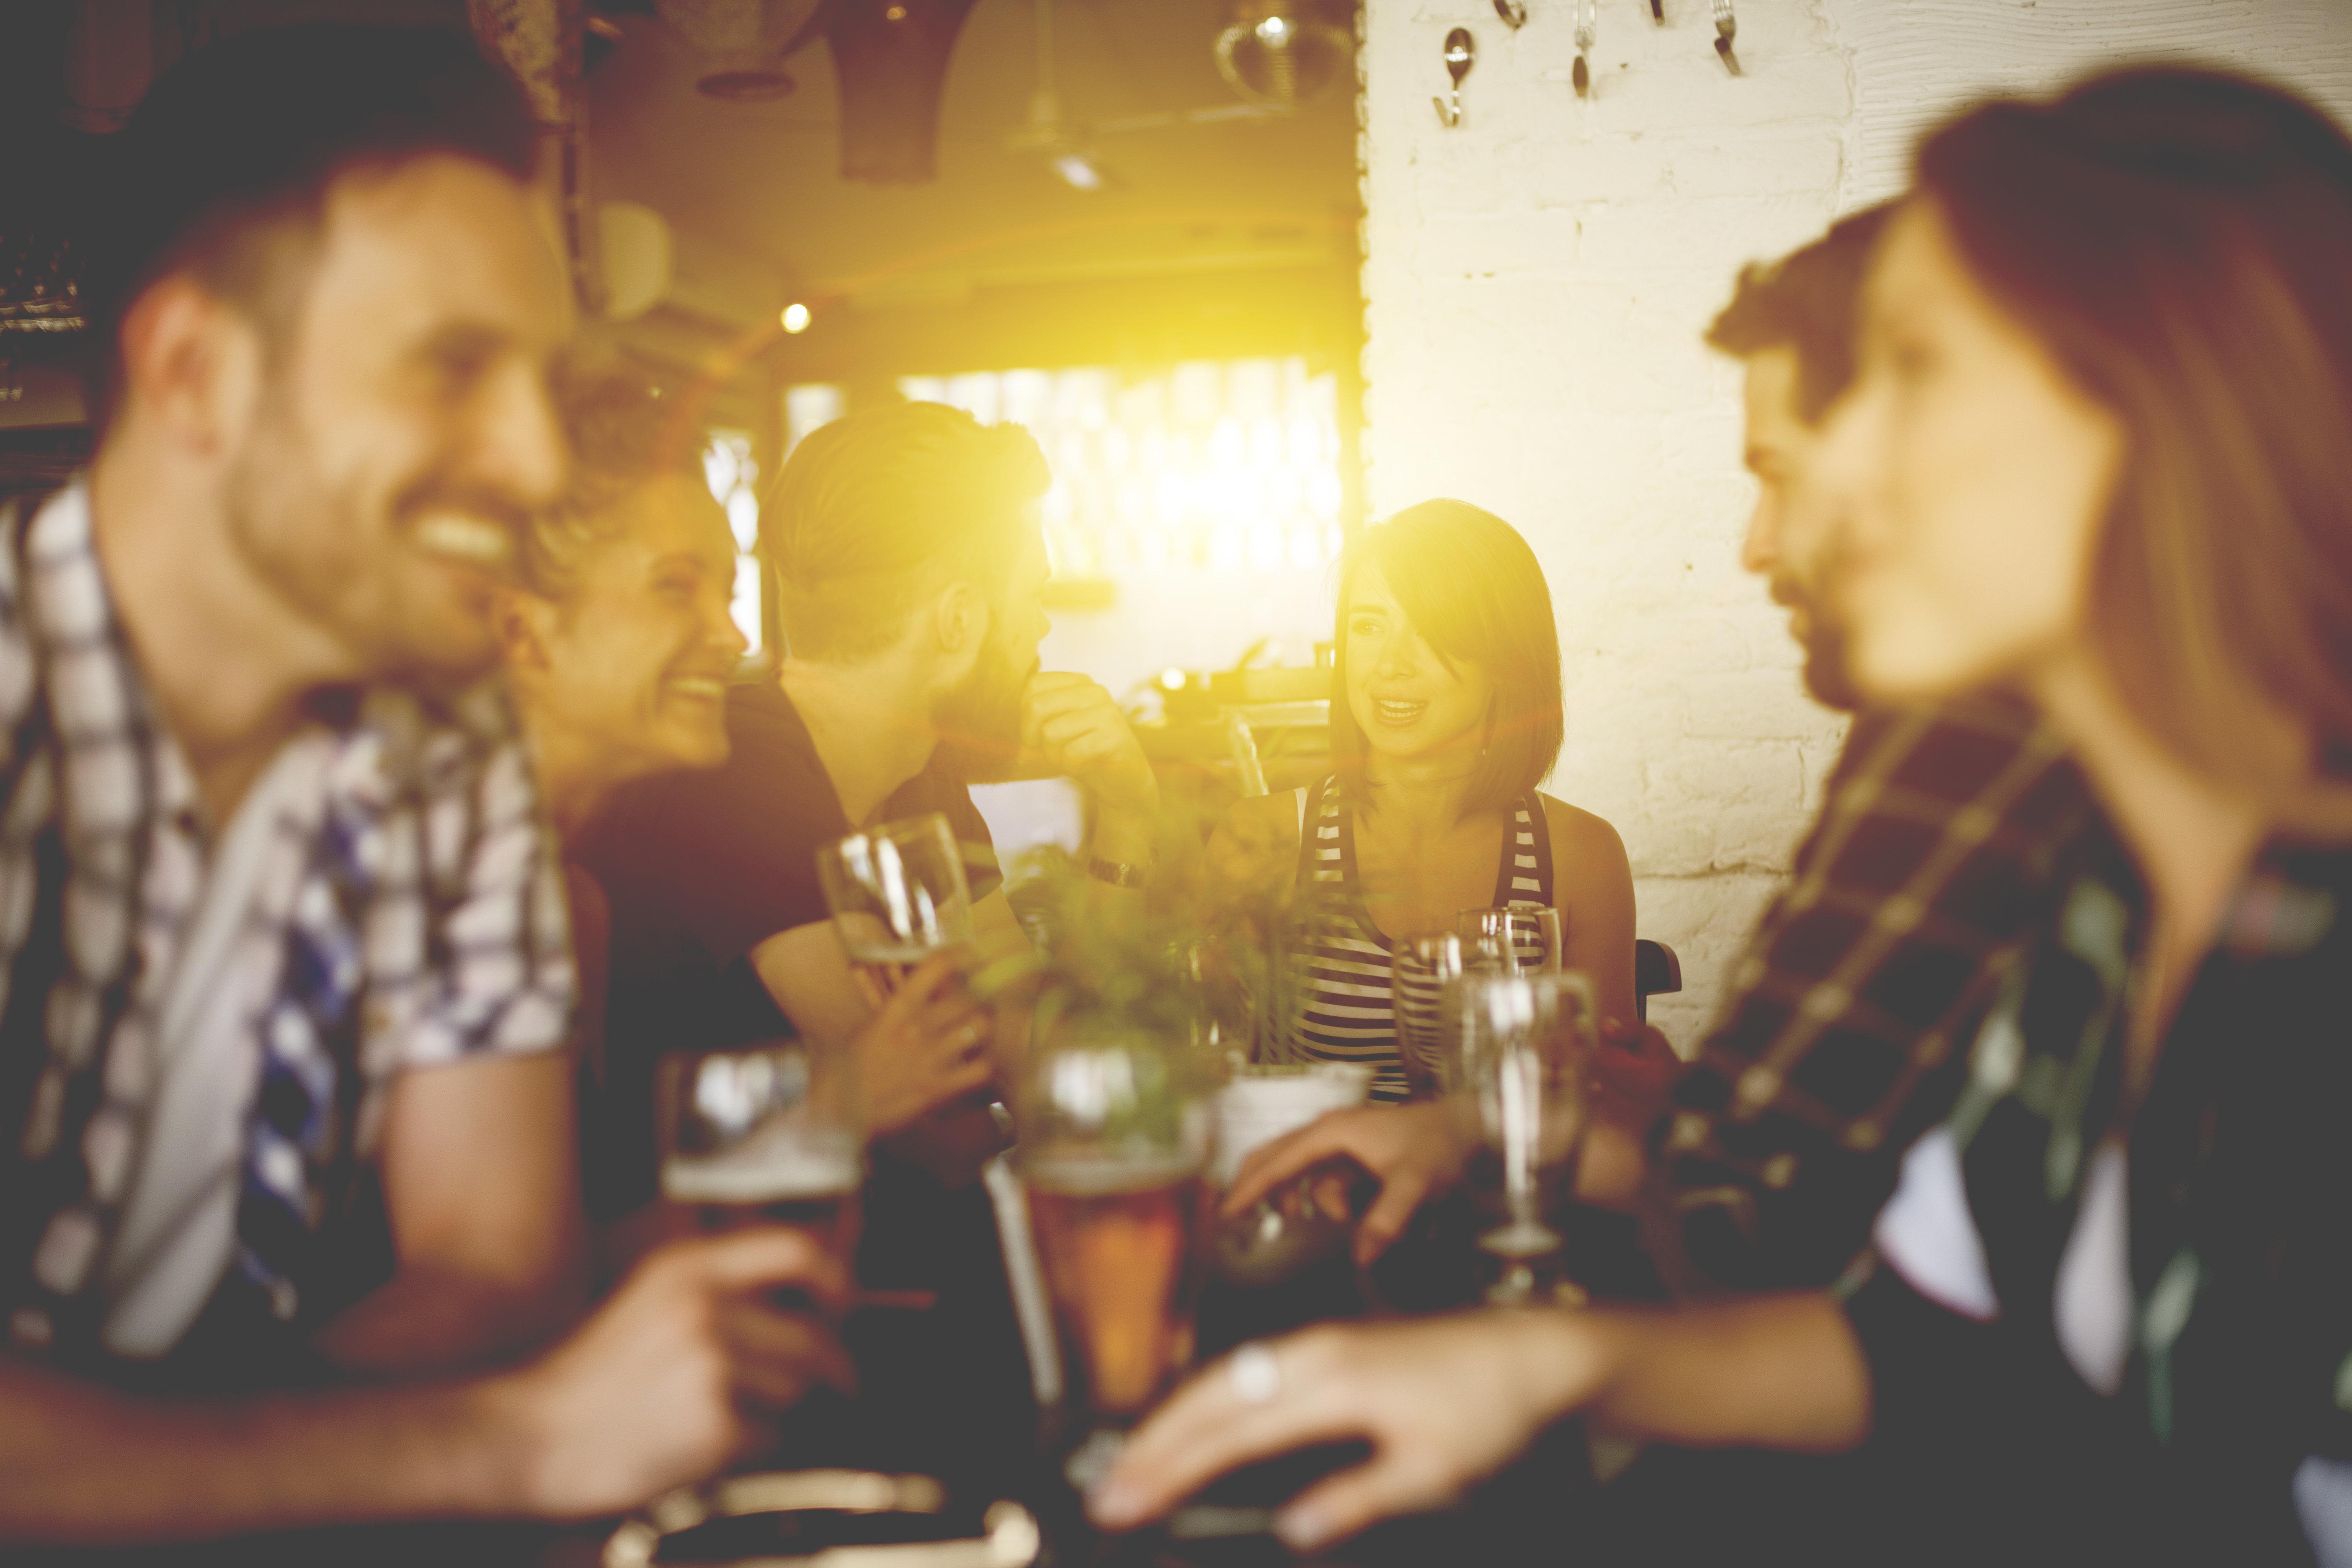 Neue Studie: Schon geringe Mengen Alkohol schädlich